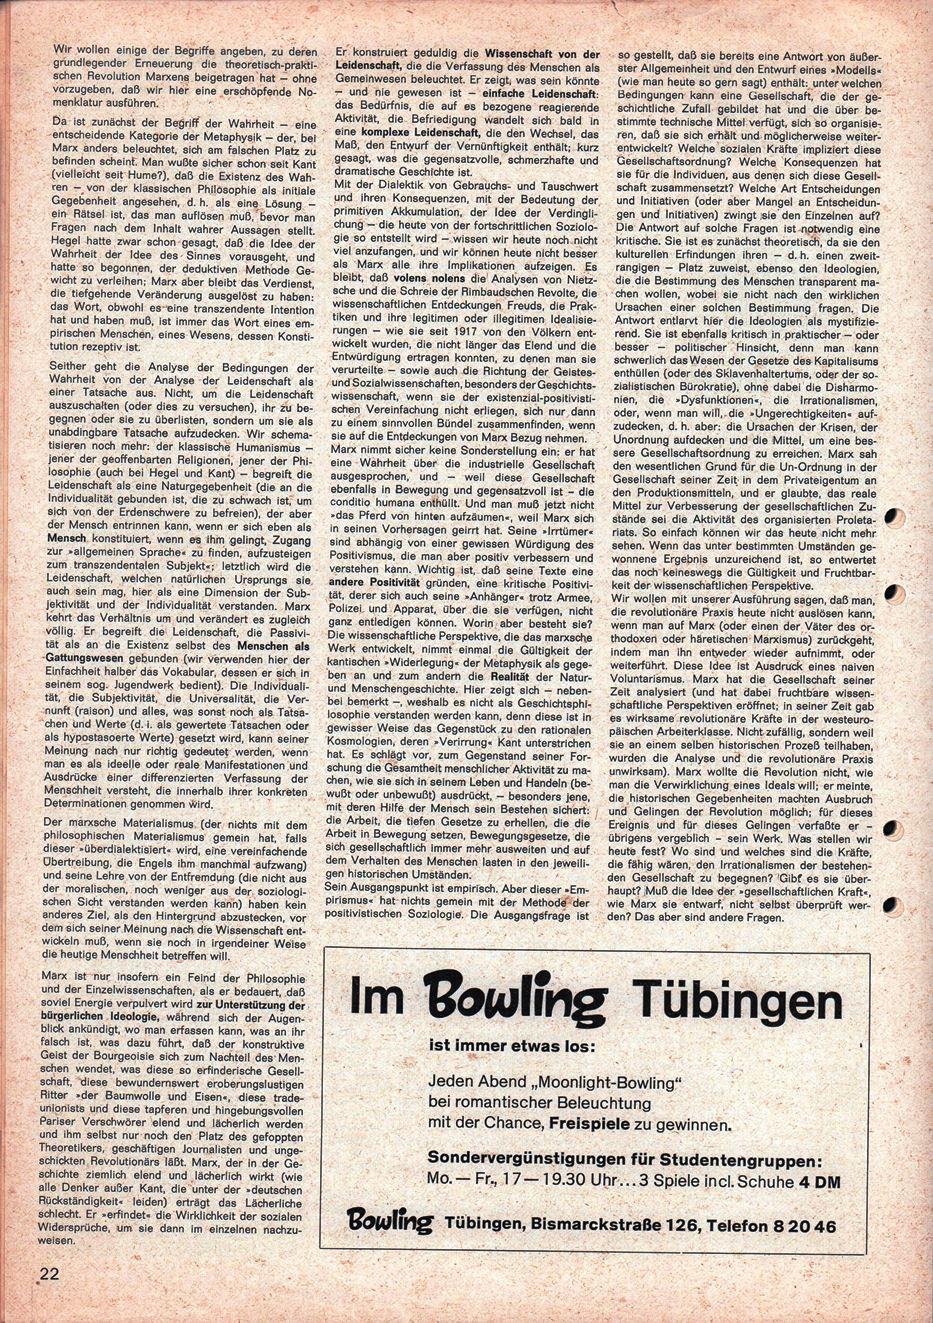 Tuebingen_Notizen115